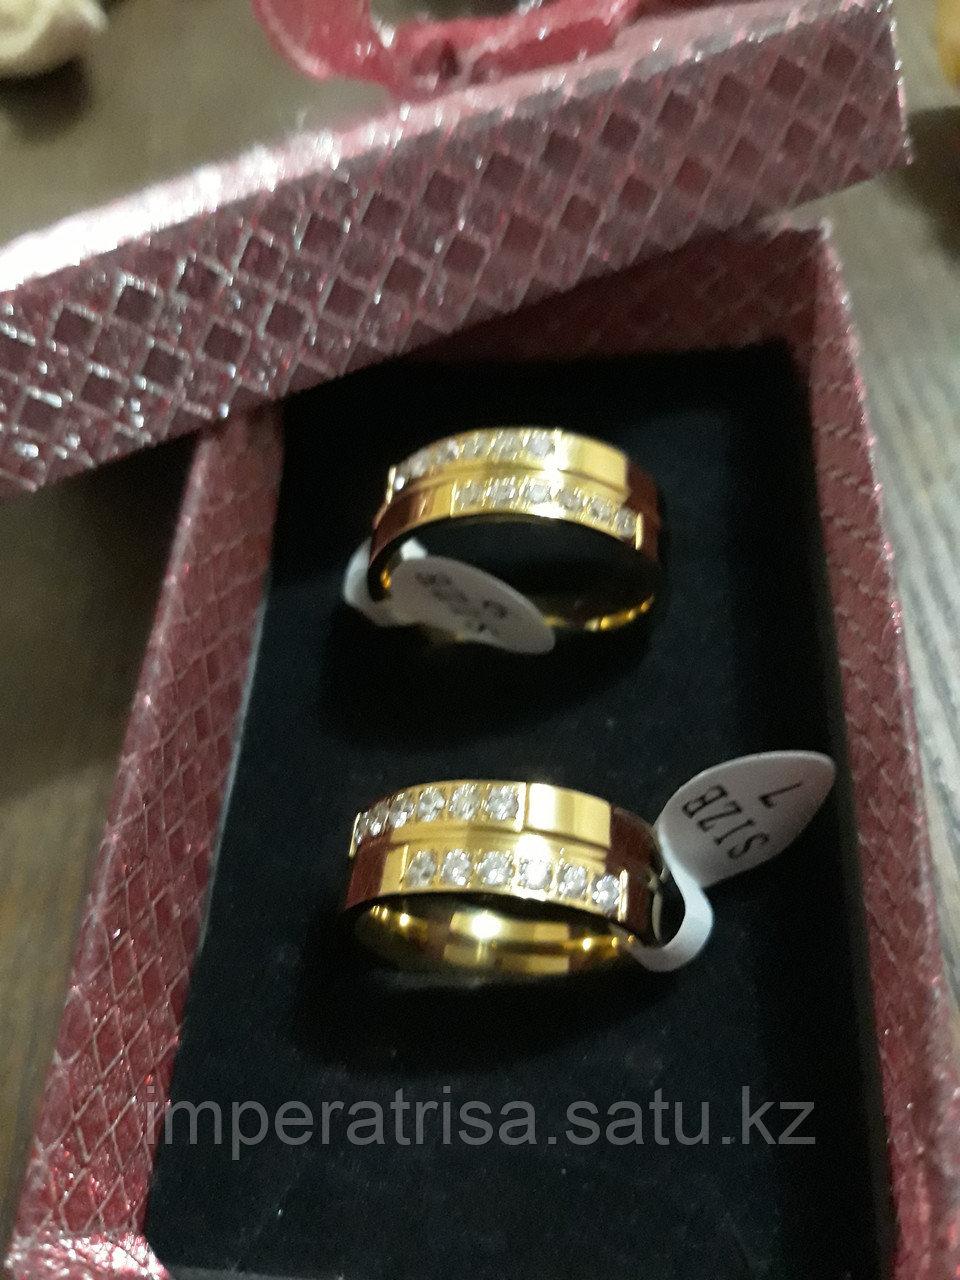 """Парные кольца для влюблённых """"Не забывай меня 2"""""""